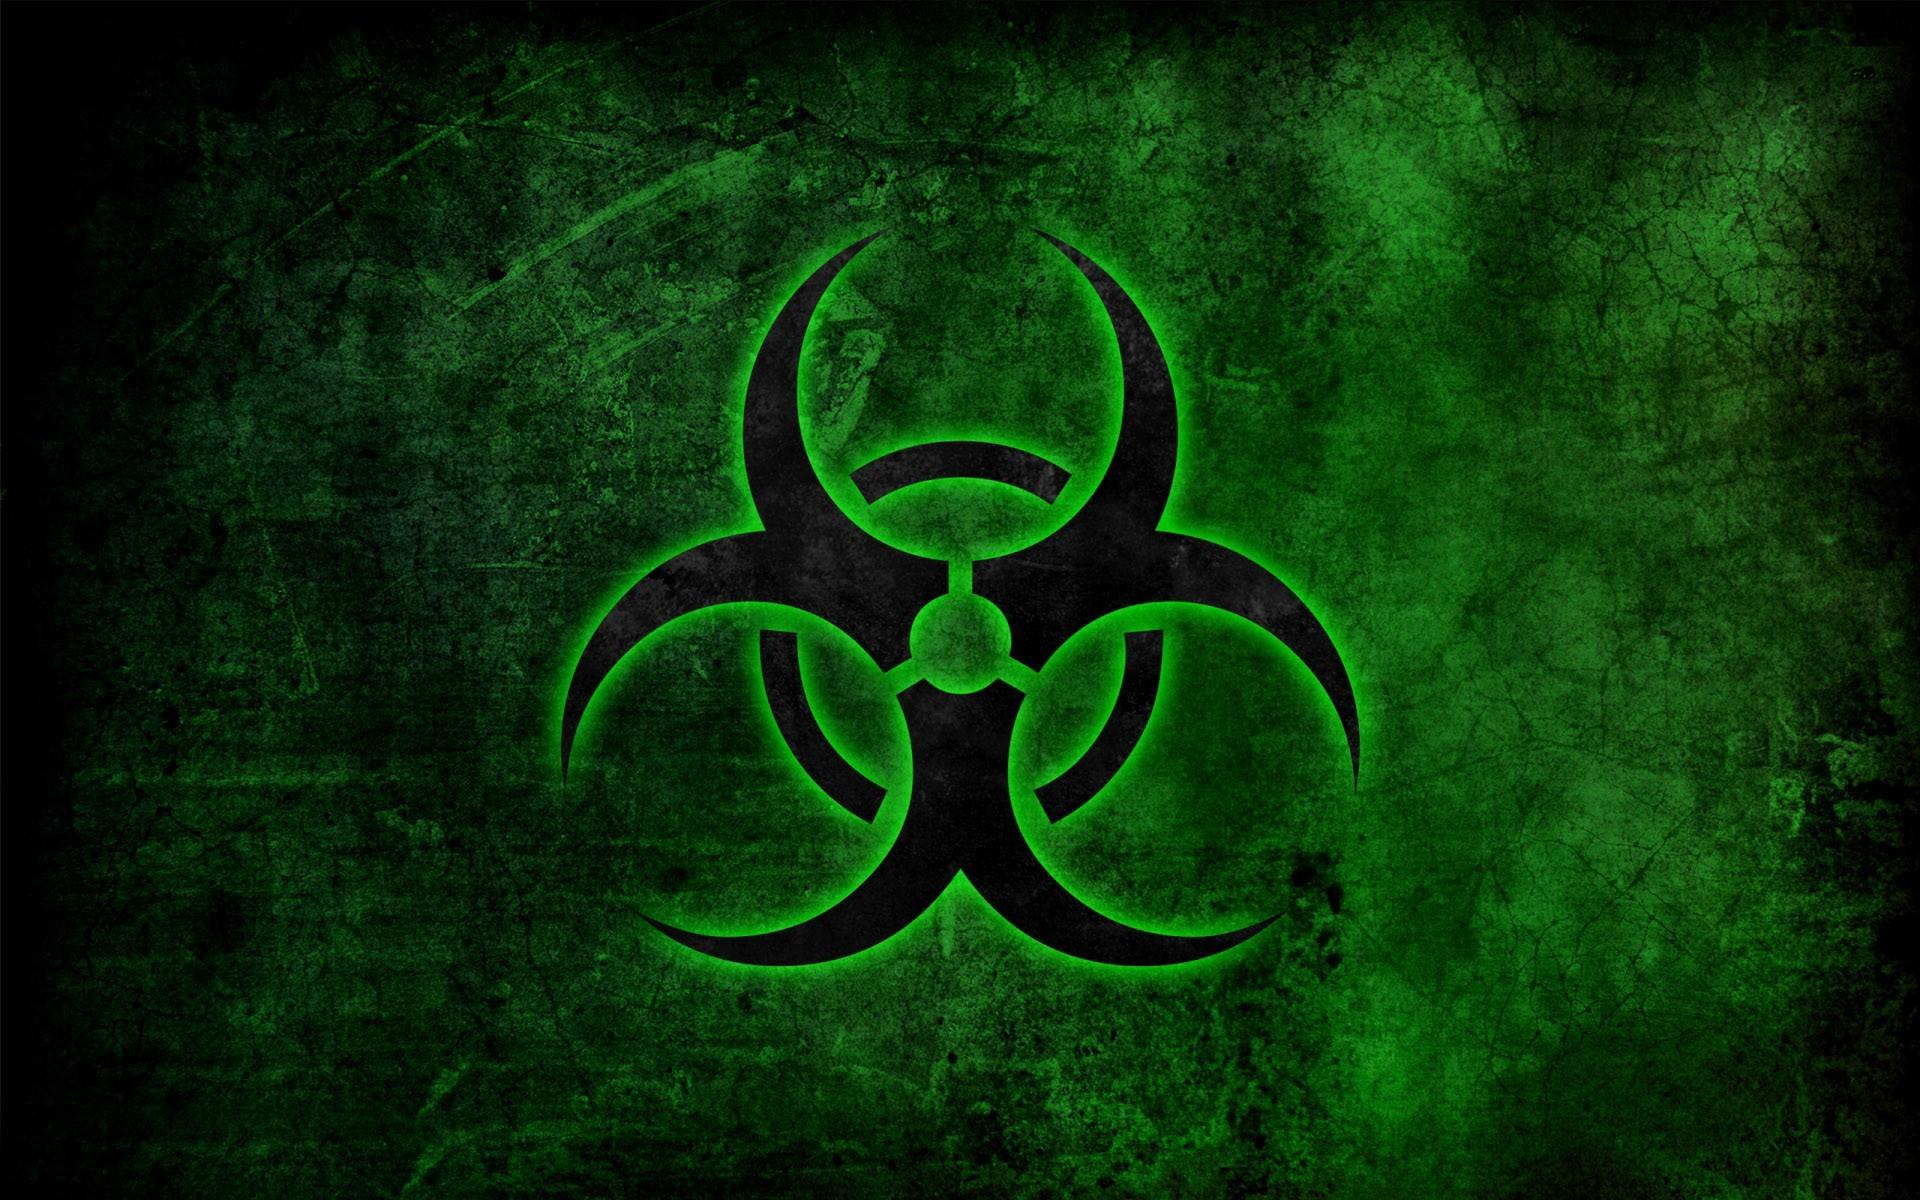 Toxic Symbol Wallpaper WallpaperSafari